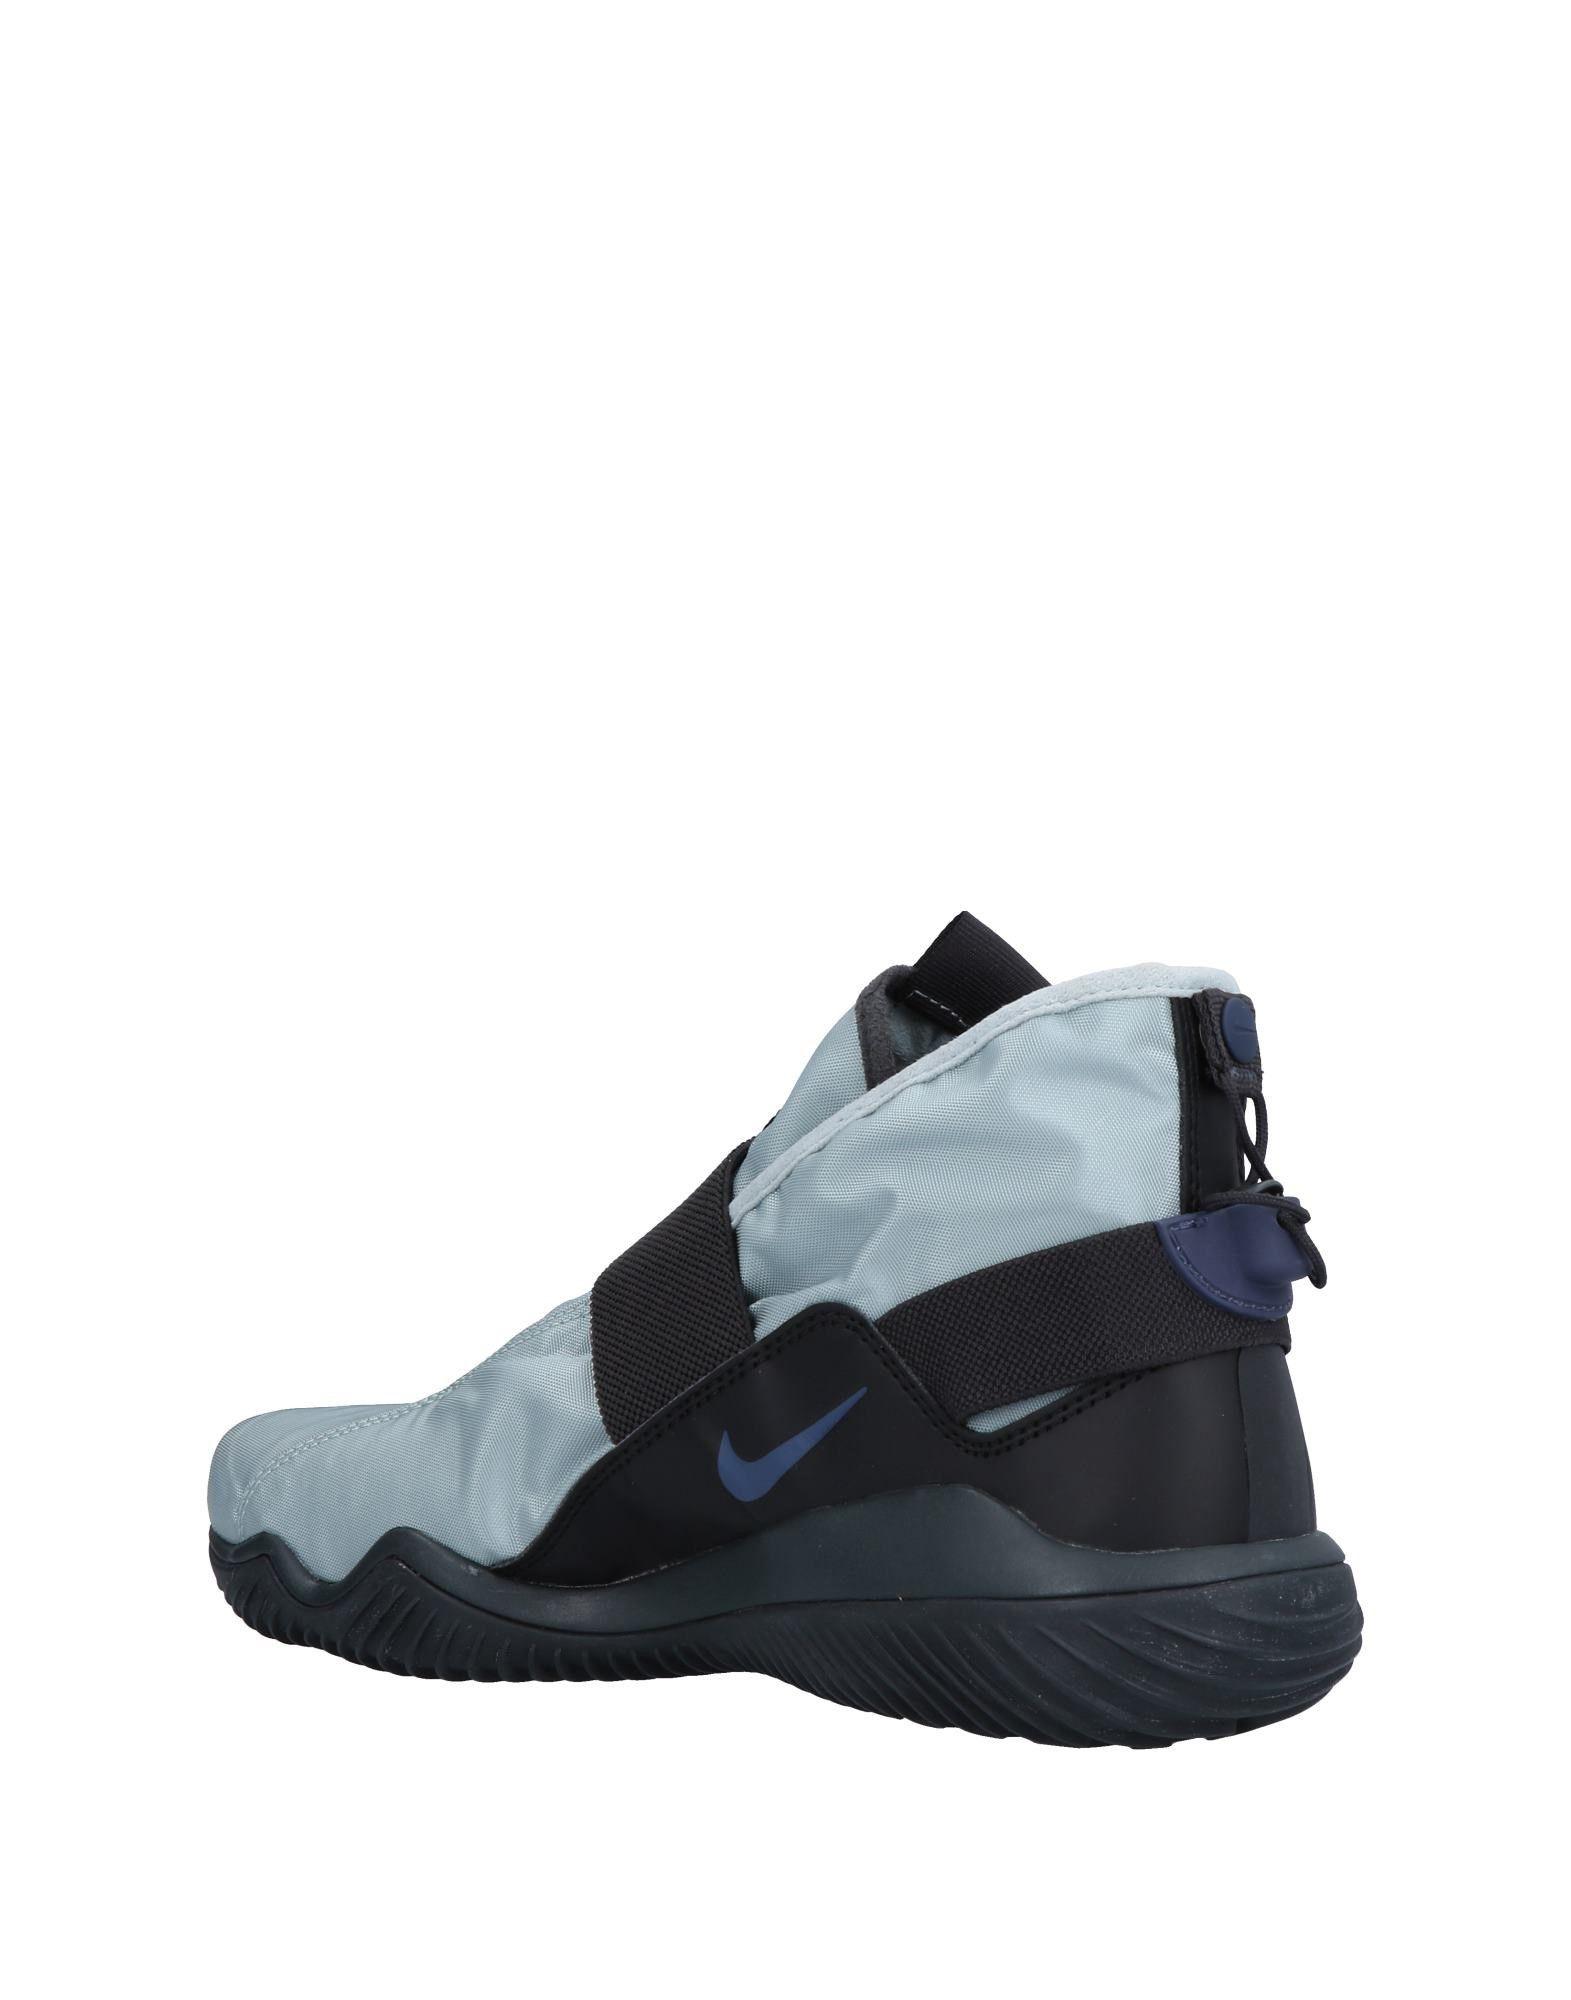 Rabatt Herren echte Schuhe Nike Sneakers Herren Rabatt  11504051LI 51d327